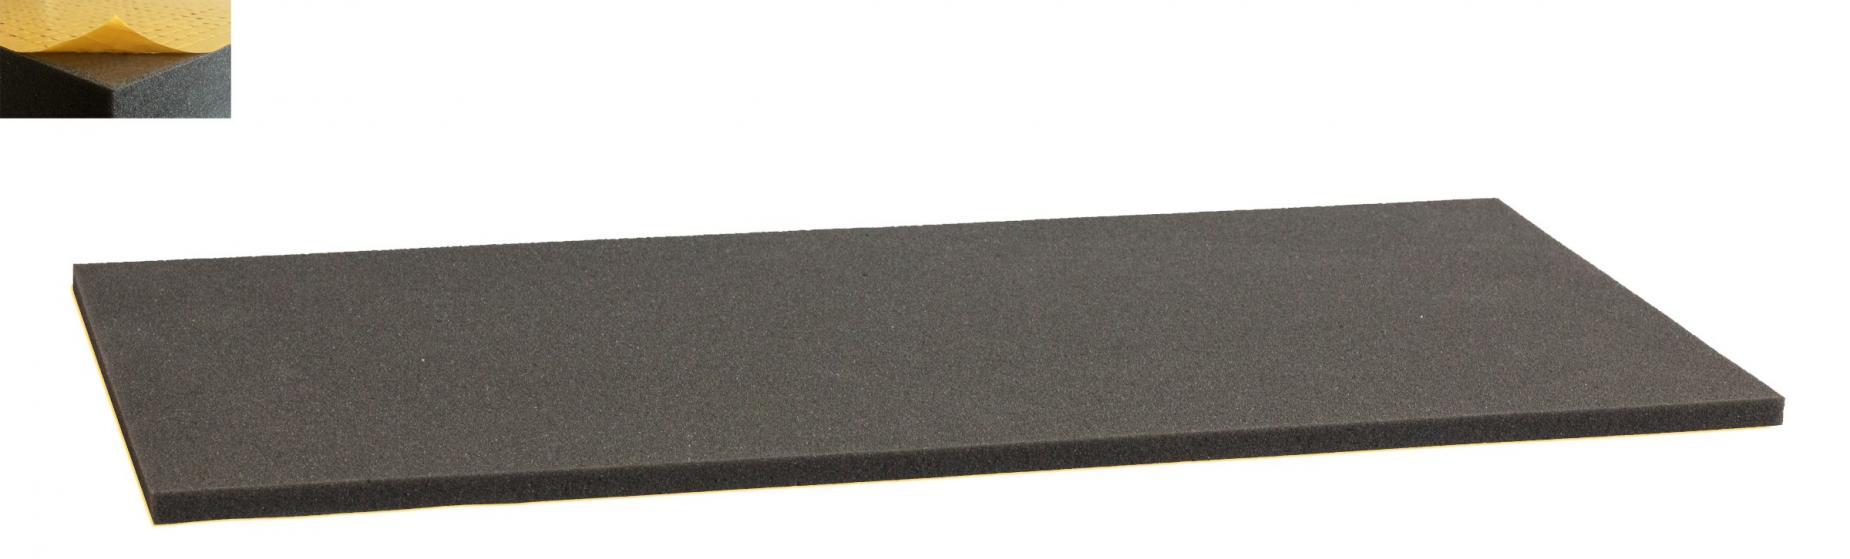 1000 mm x 500 mm x 10 mm foam cutting - self-adhesive